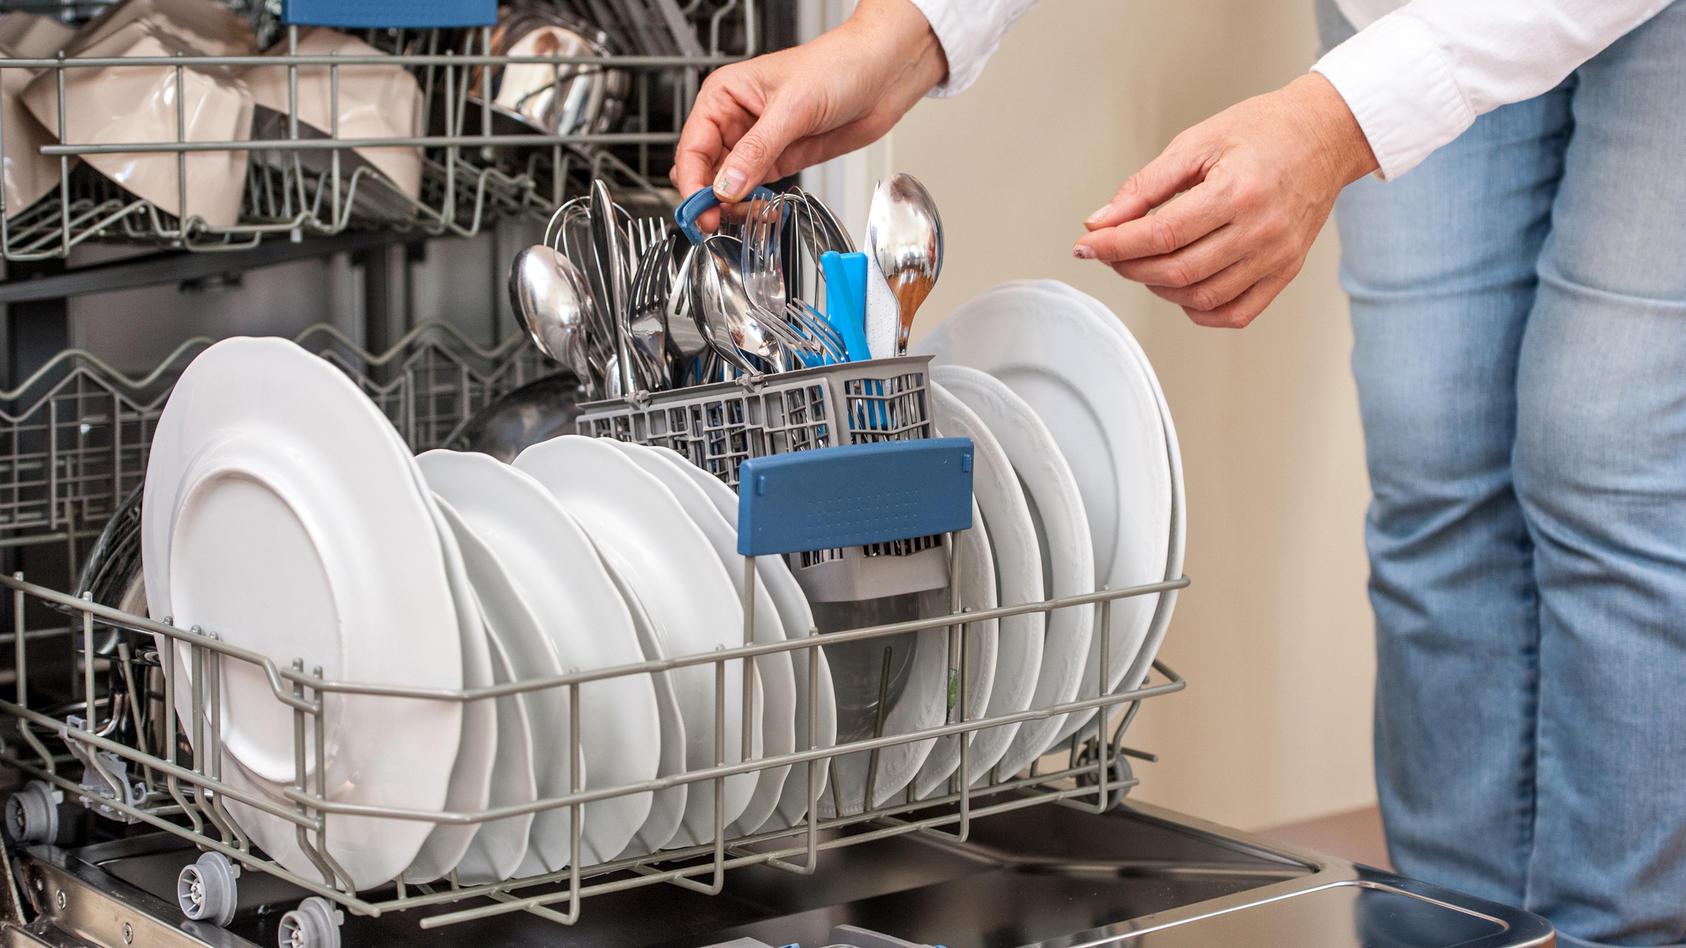 Bei fast allen Geschirrspülern wird's sauber - allerdings zu unterschiedlichen Kosten